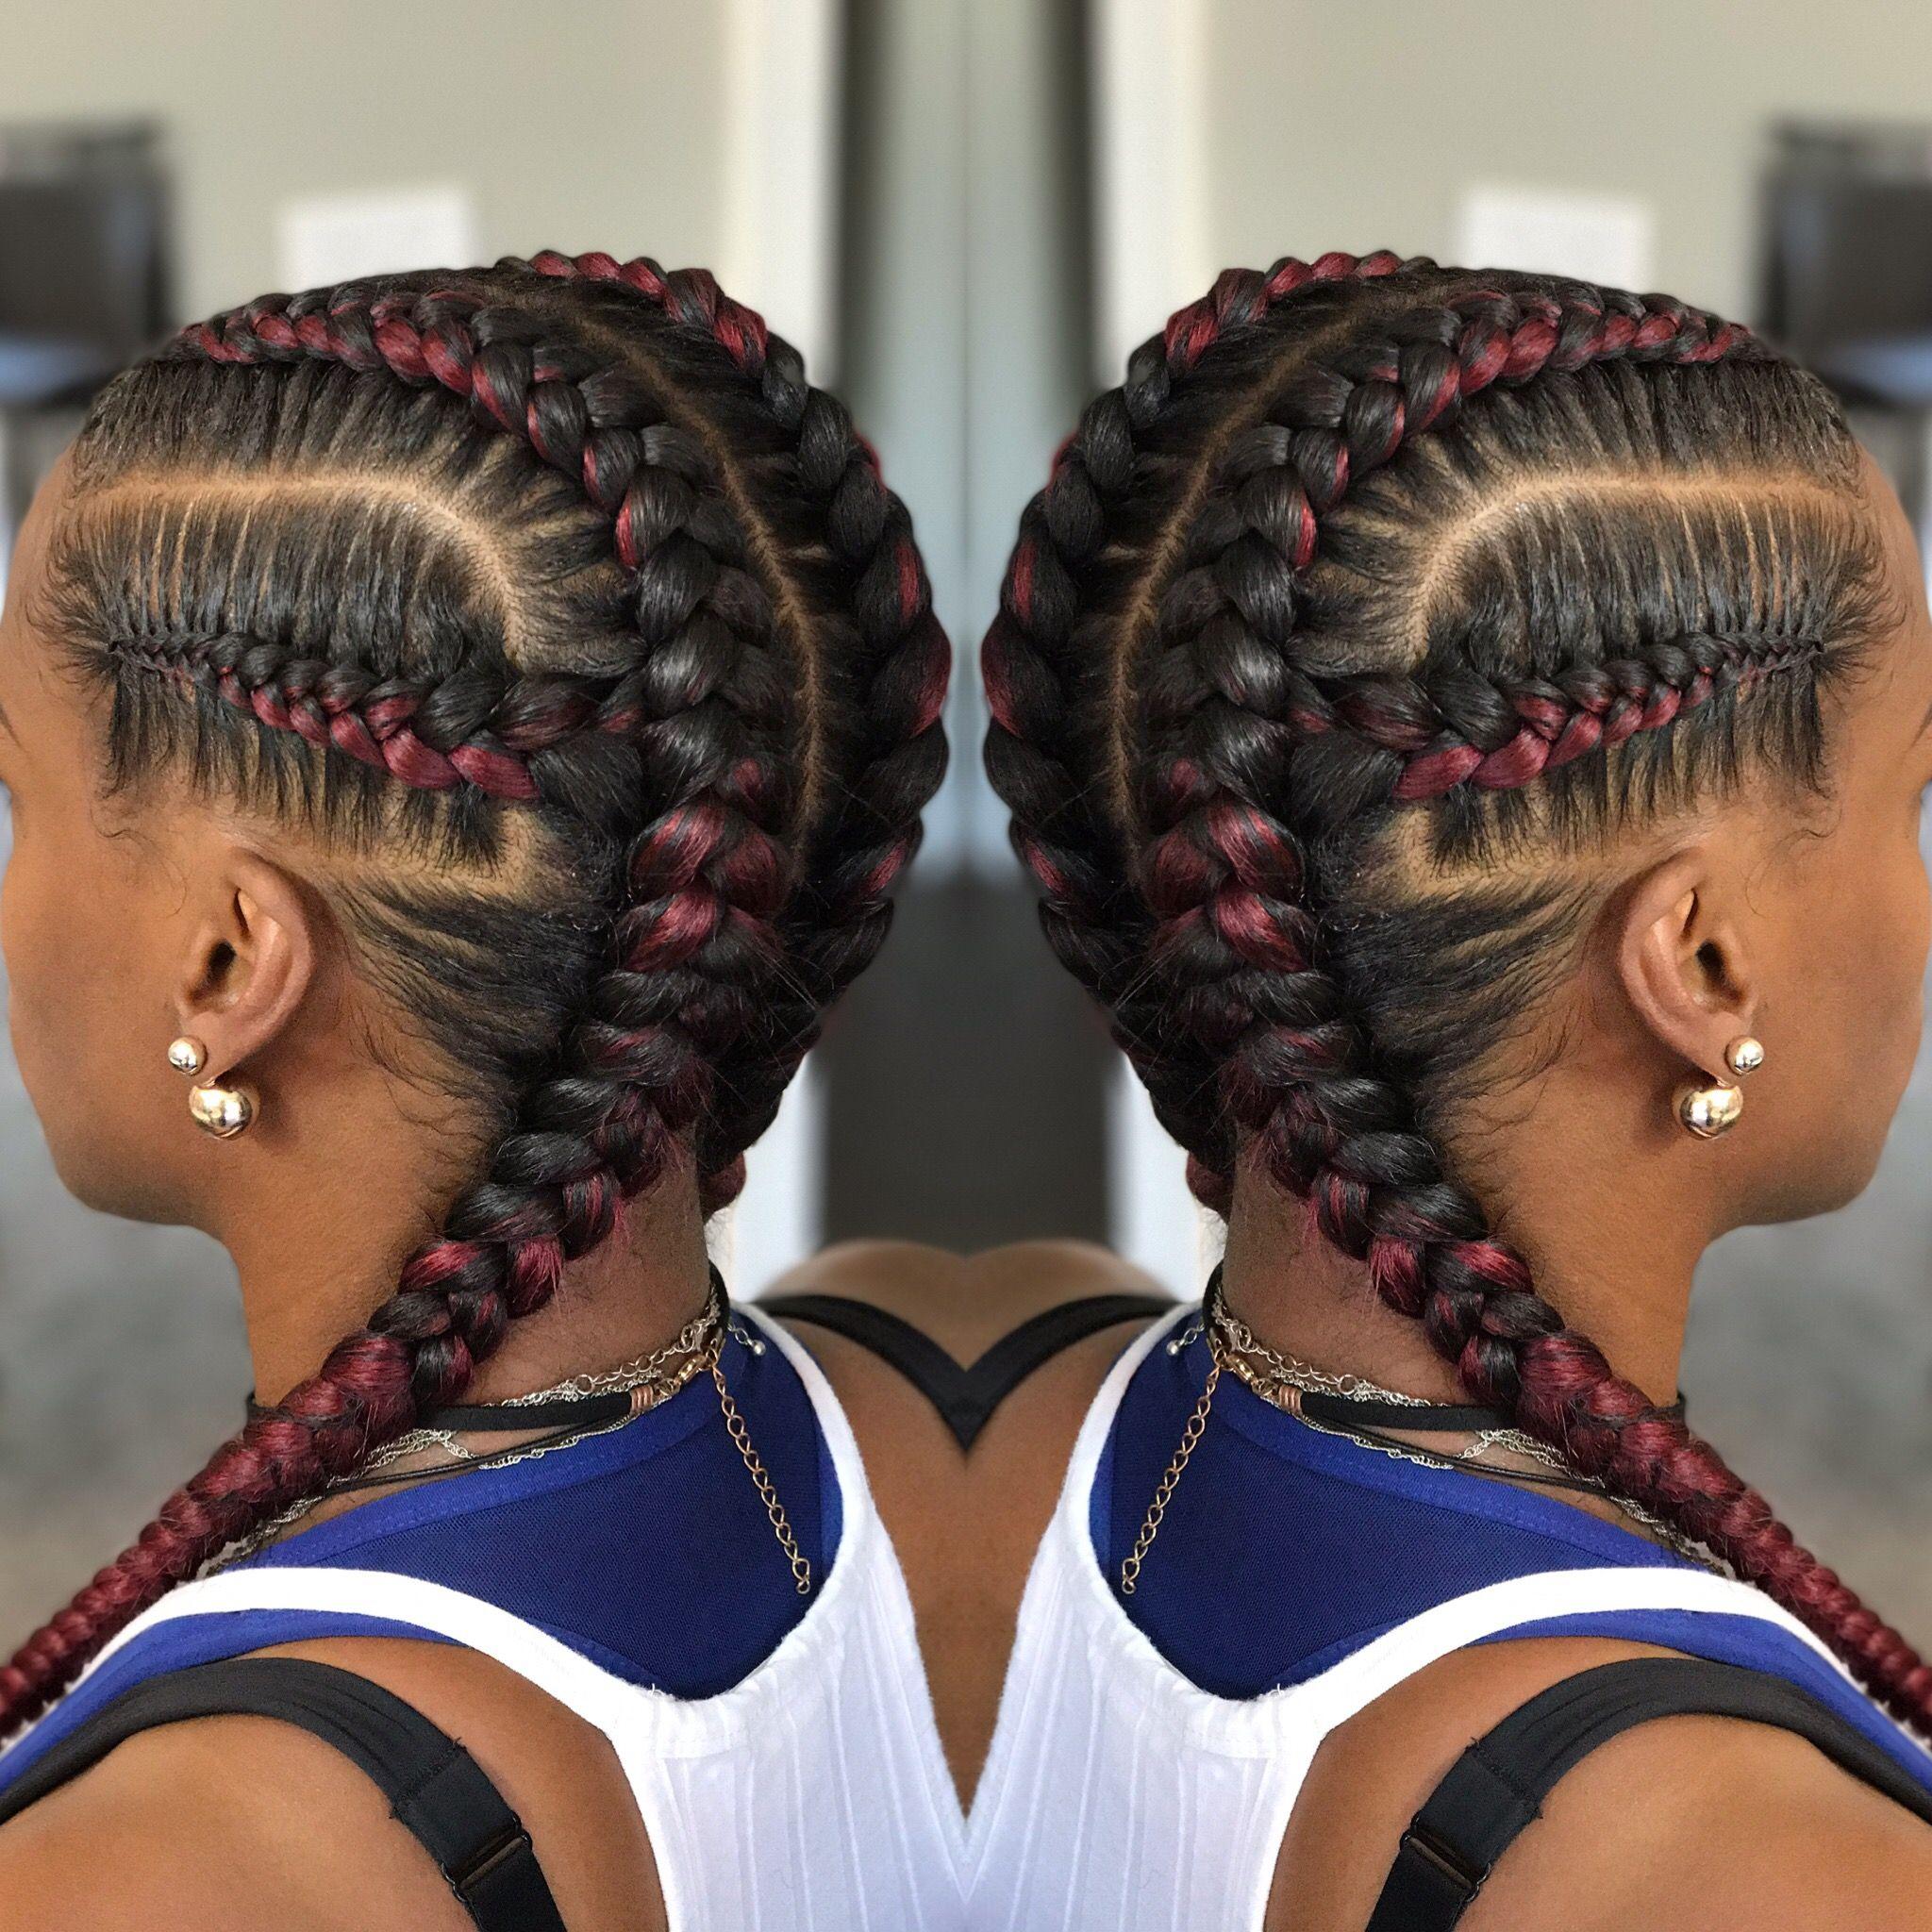 Phoenix Tempe Hairstylist Book Online Www Marmarzdivinestylez Com 520 371 3100 5151 E African Braids Hairstyles Cornrow Hairstyles Braided Hairstyles